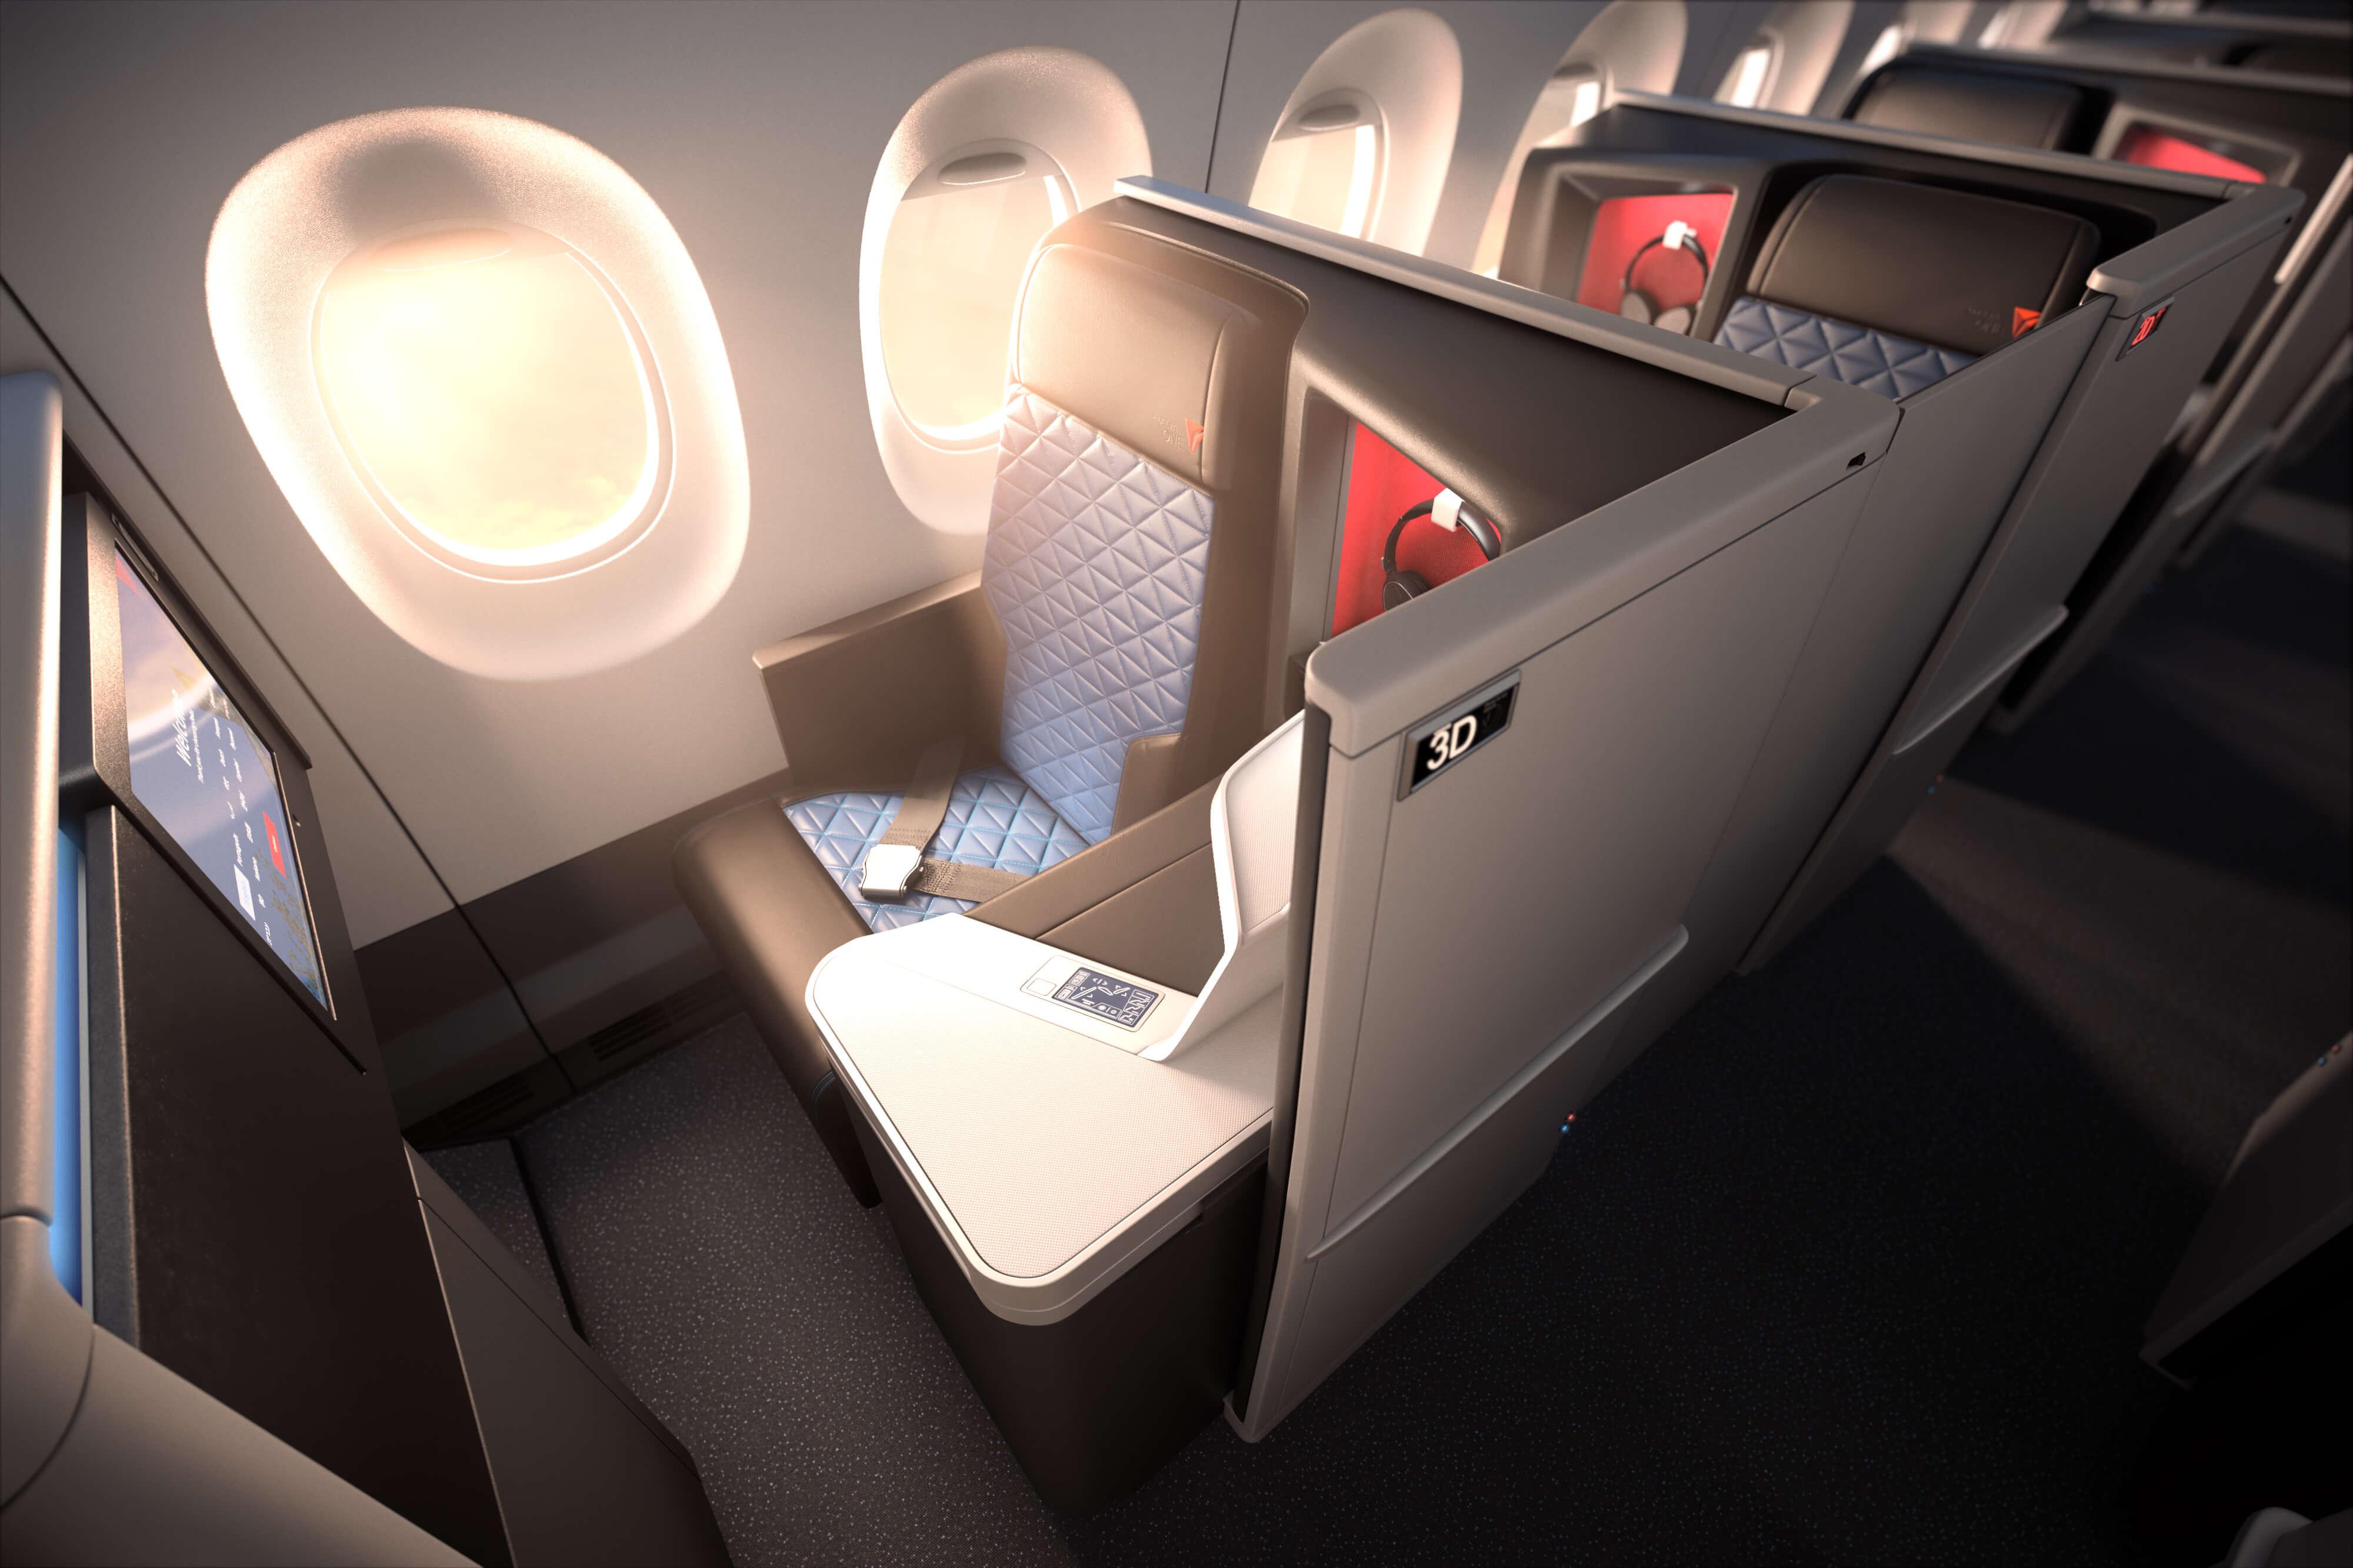 デルタ航空(DL)のフライトに少ないマイレージ数で搭乗する方法